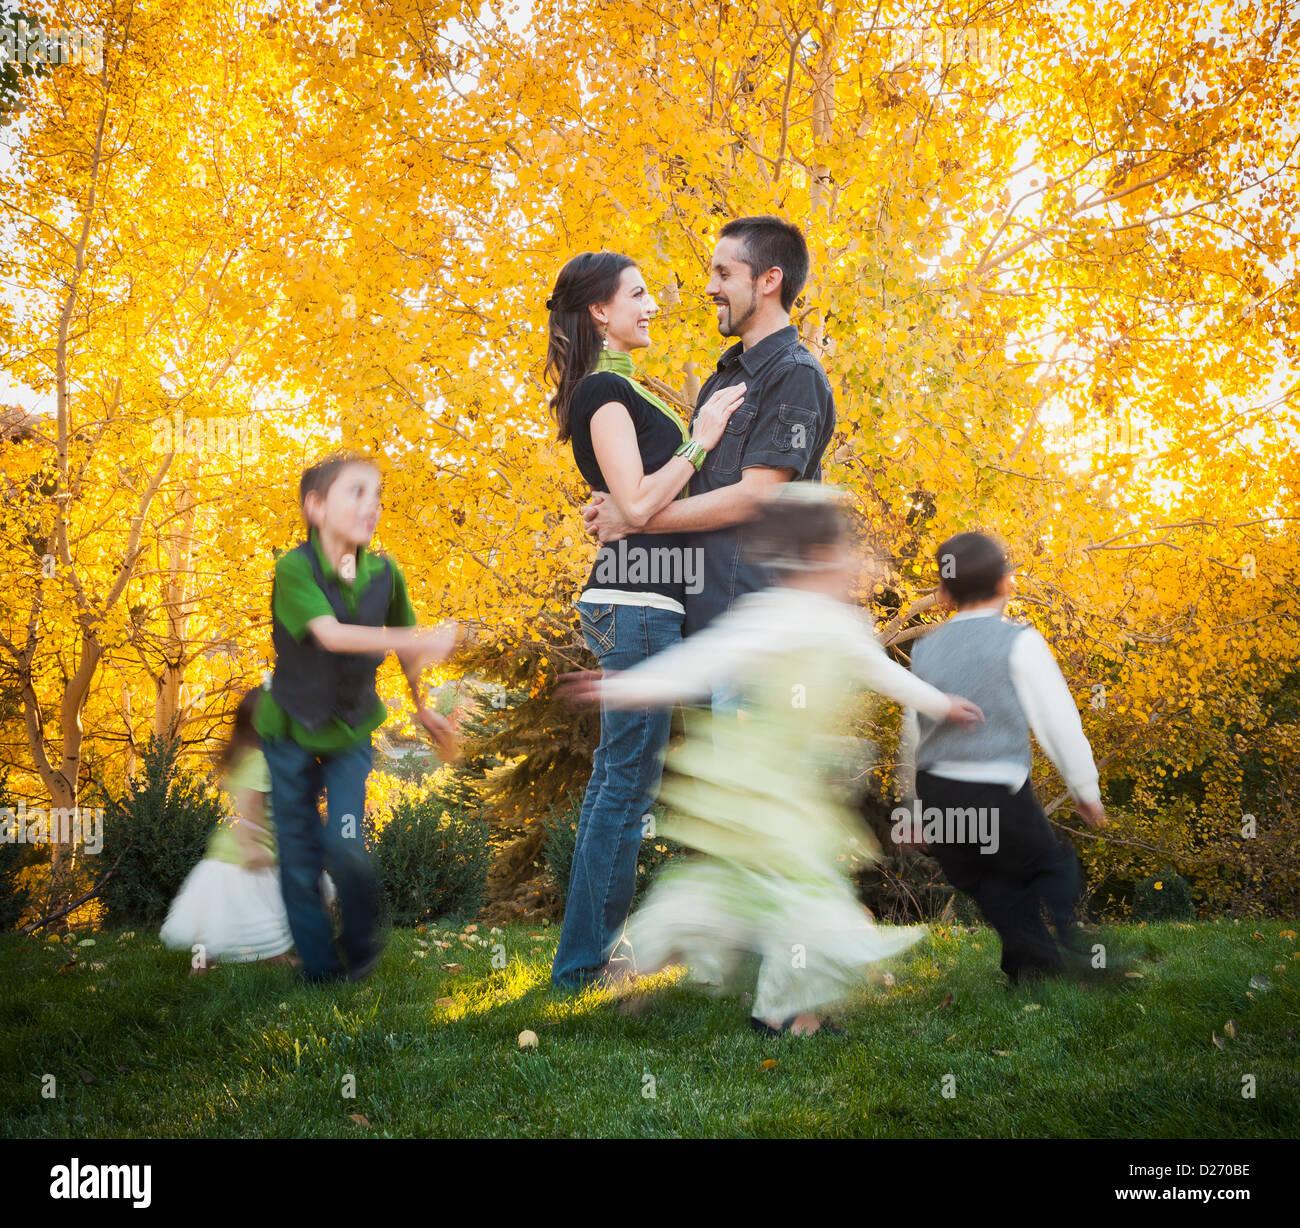 Stati Uniti d'America, Utah, abbondante, famiglia con bambini (2-3, 4-5, 6-7, 8-9) dancing in giardino in autunno Immagini Stock